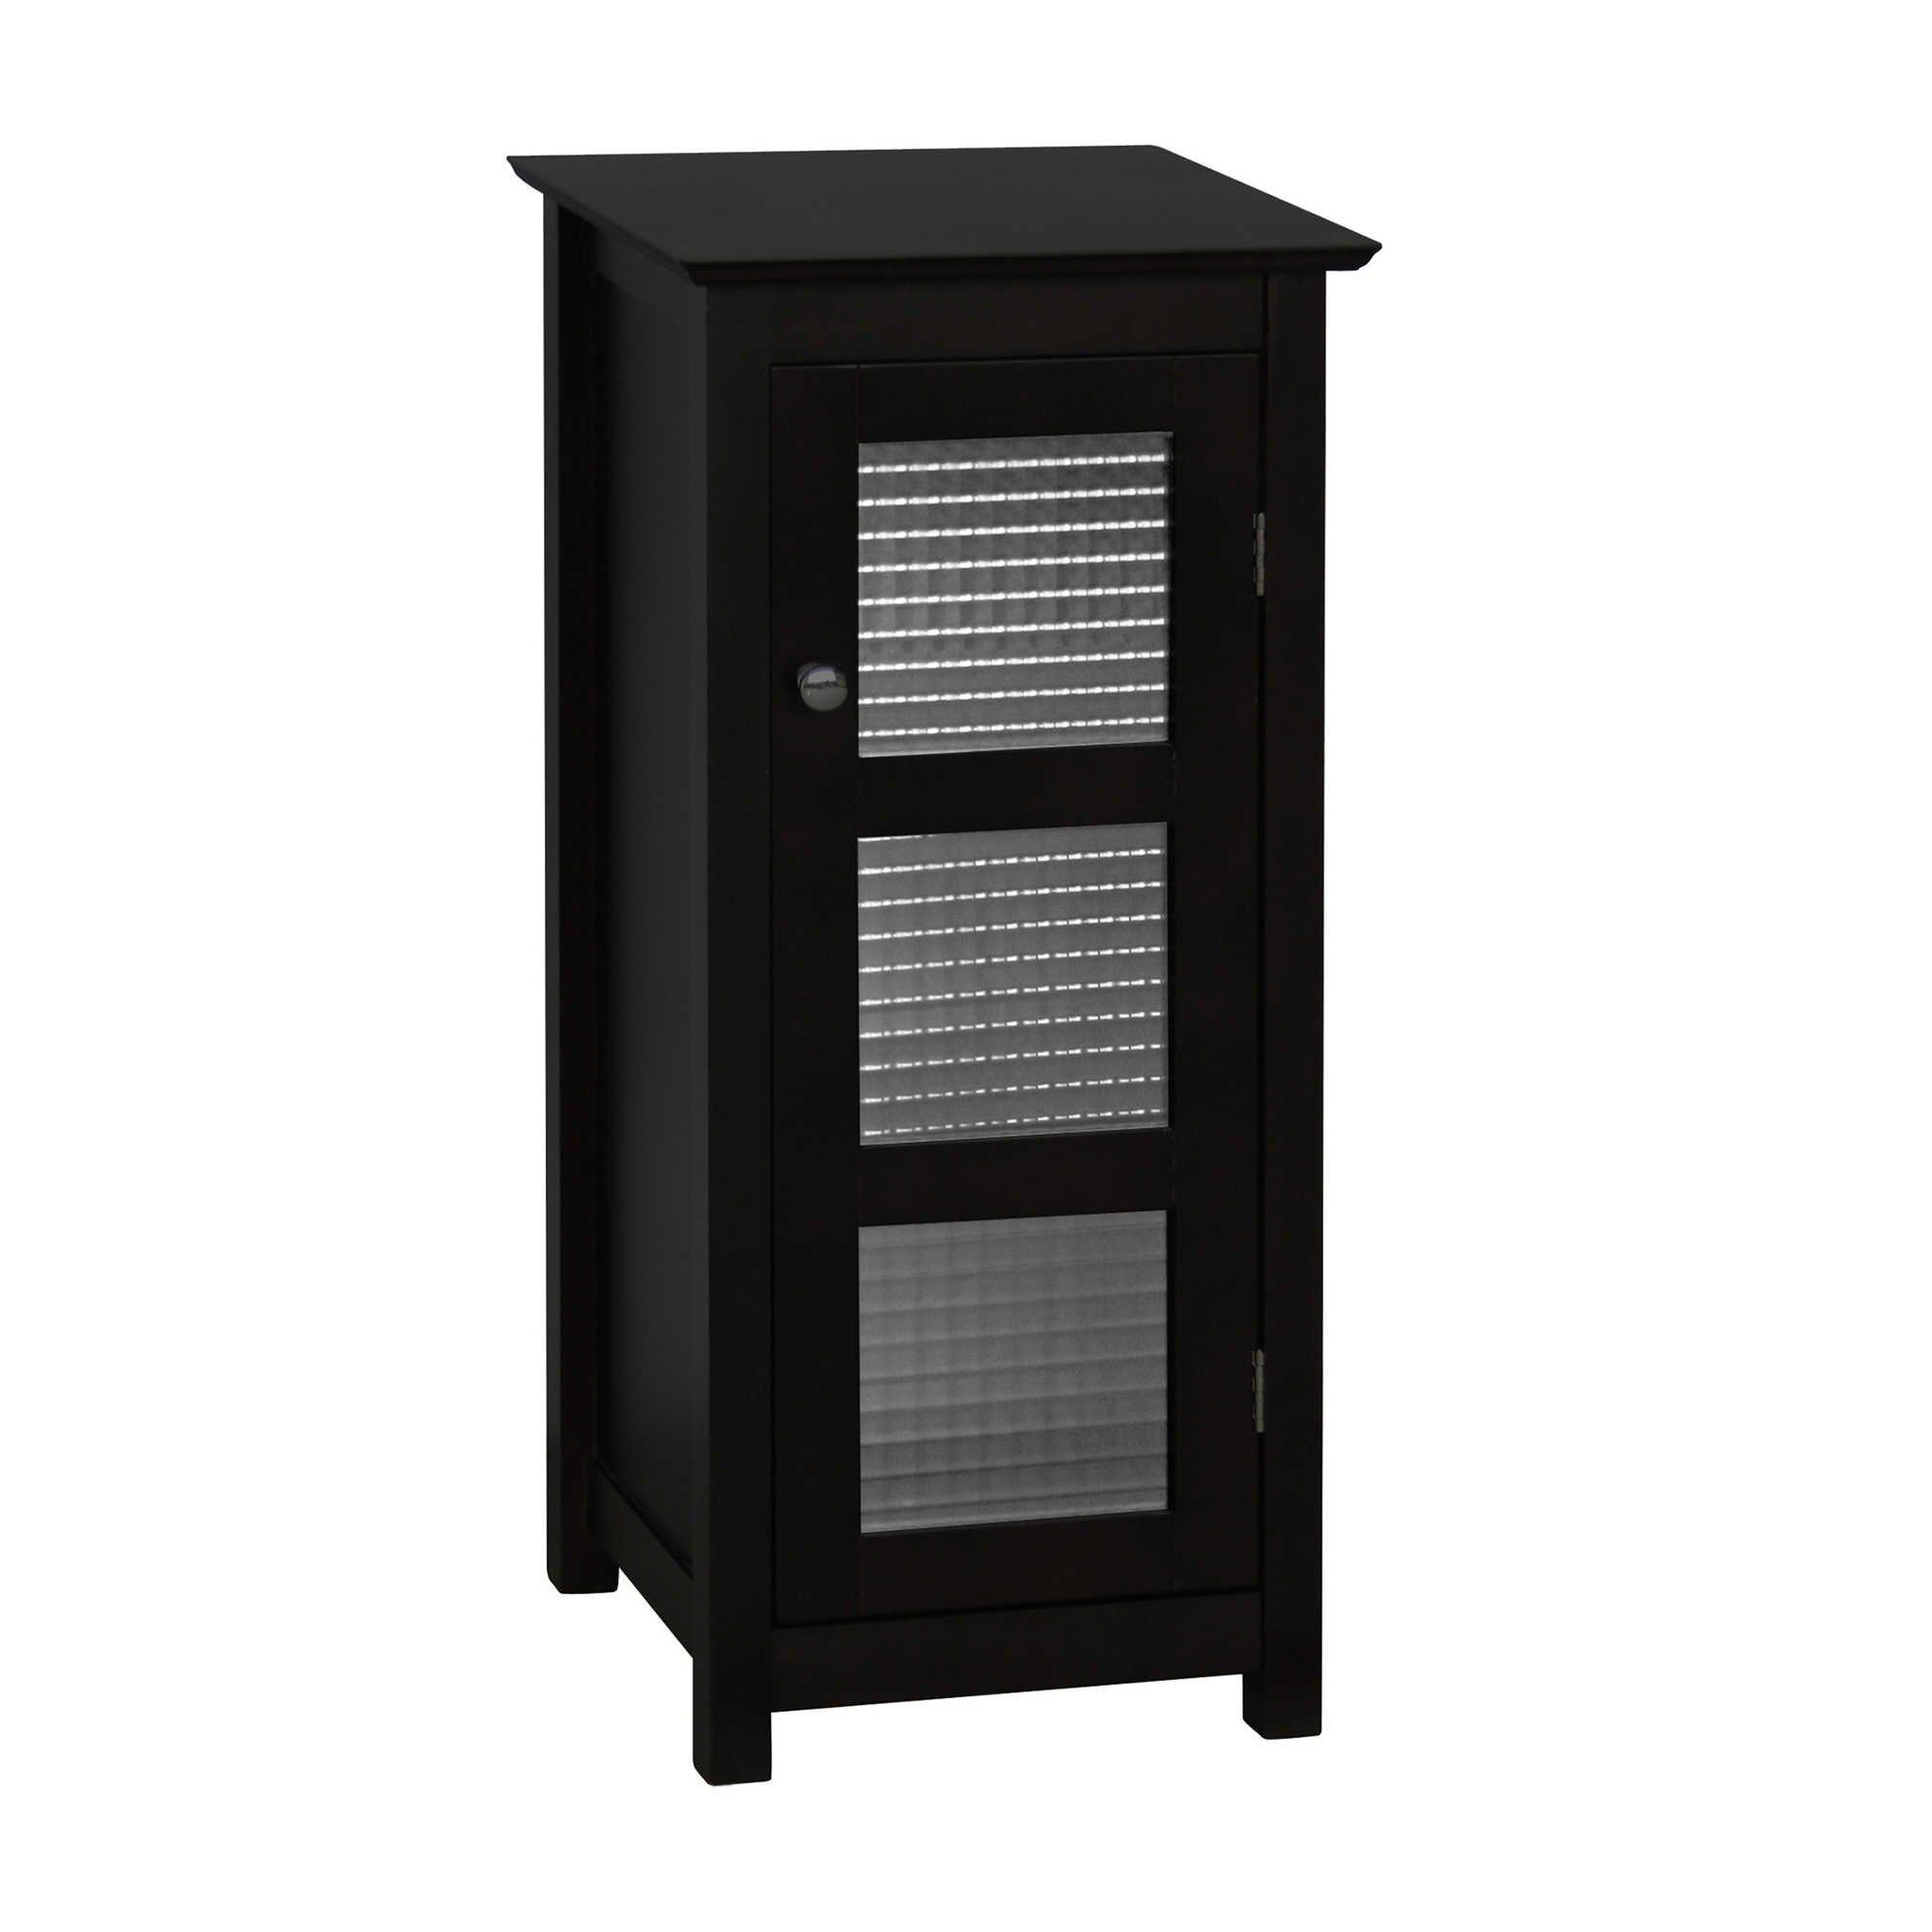 Stylish Functional Classic Design Glass Door Espresso Floor Cabinet